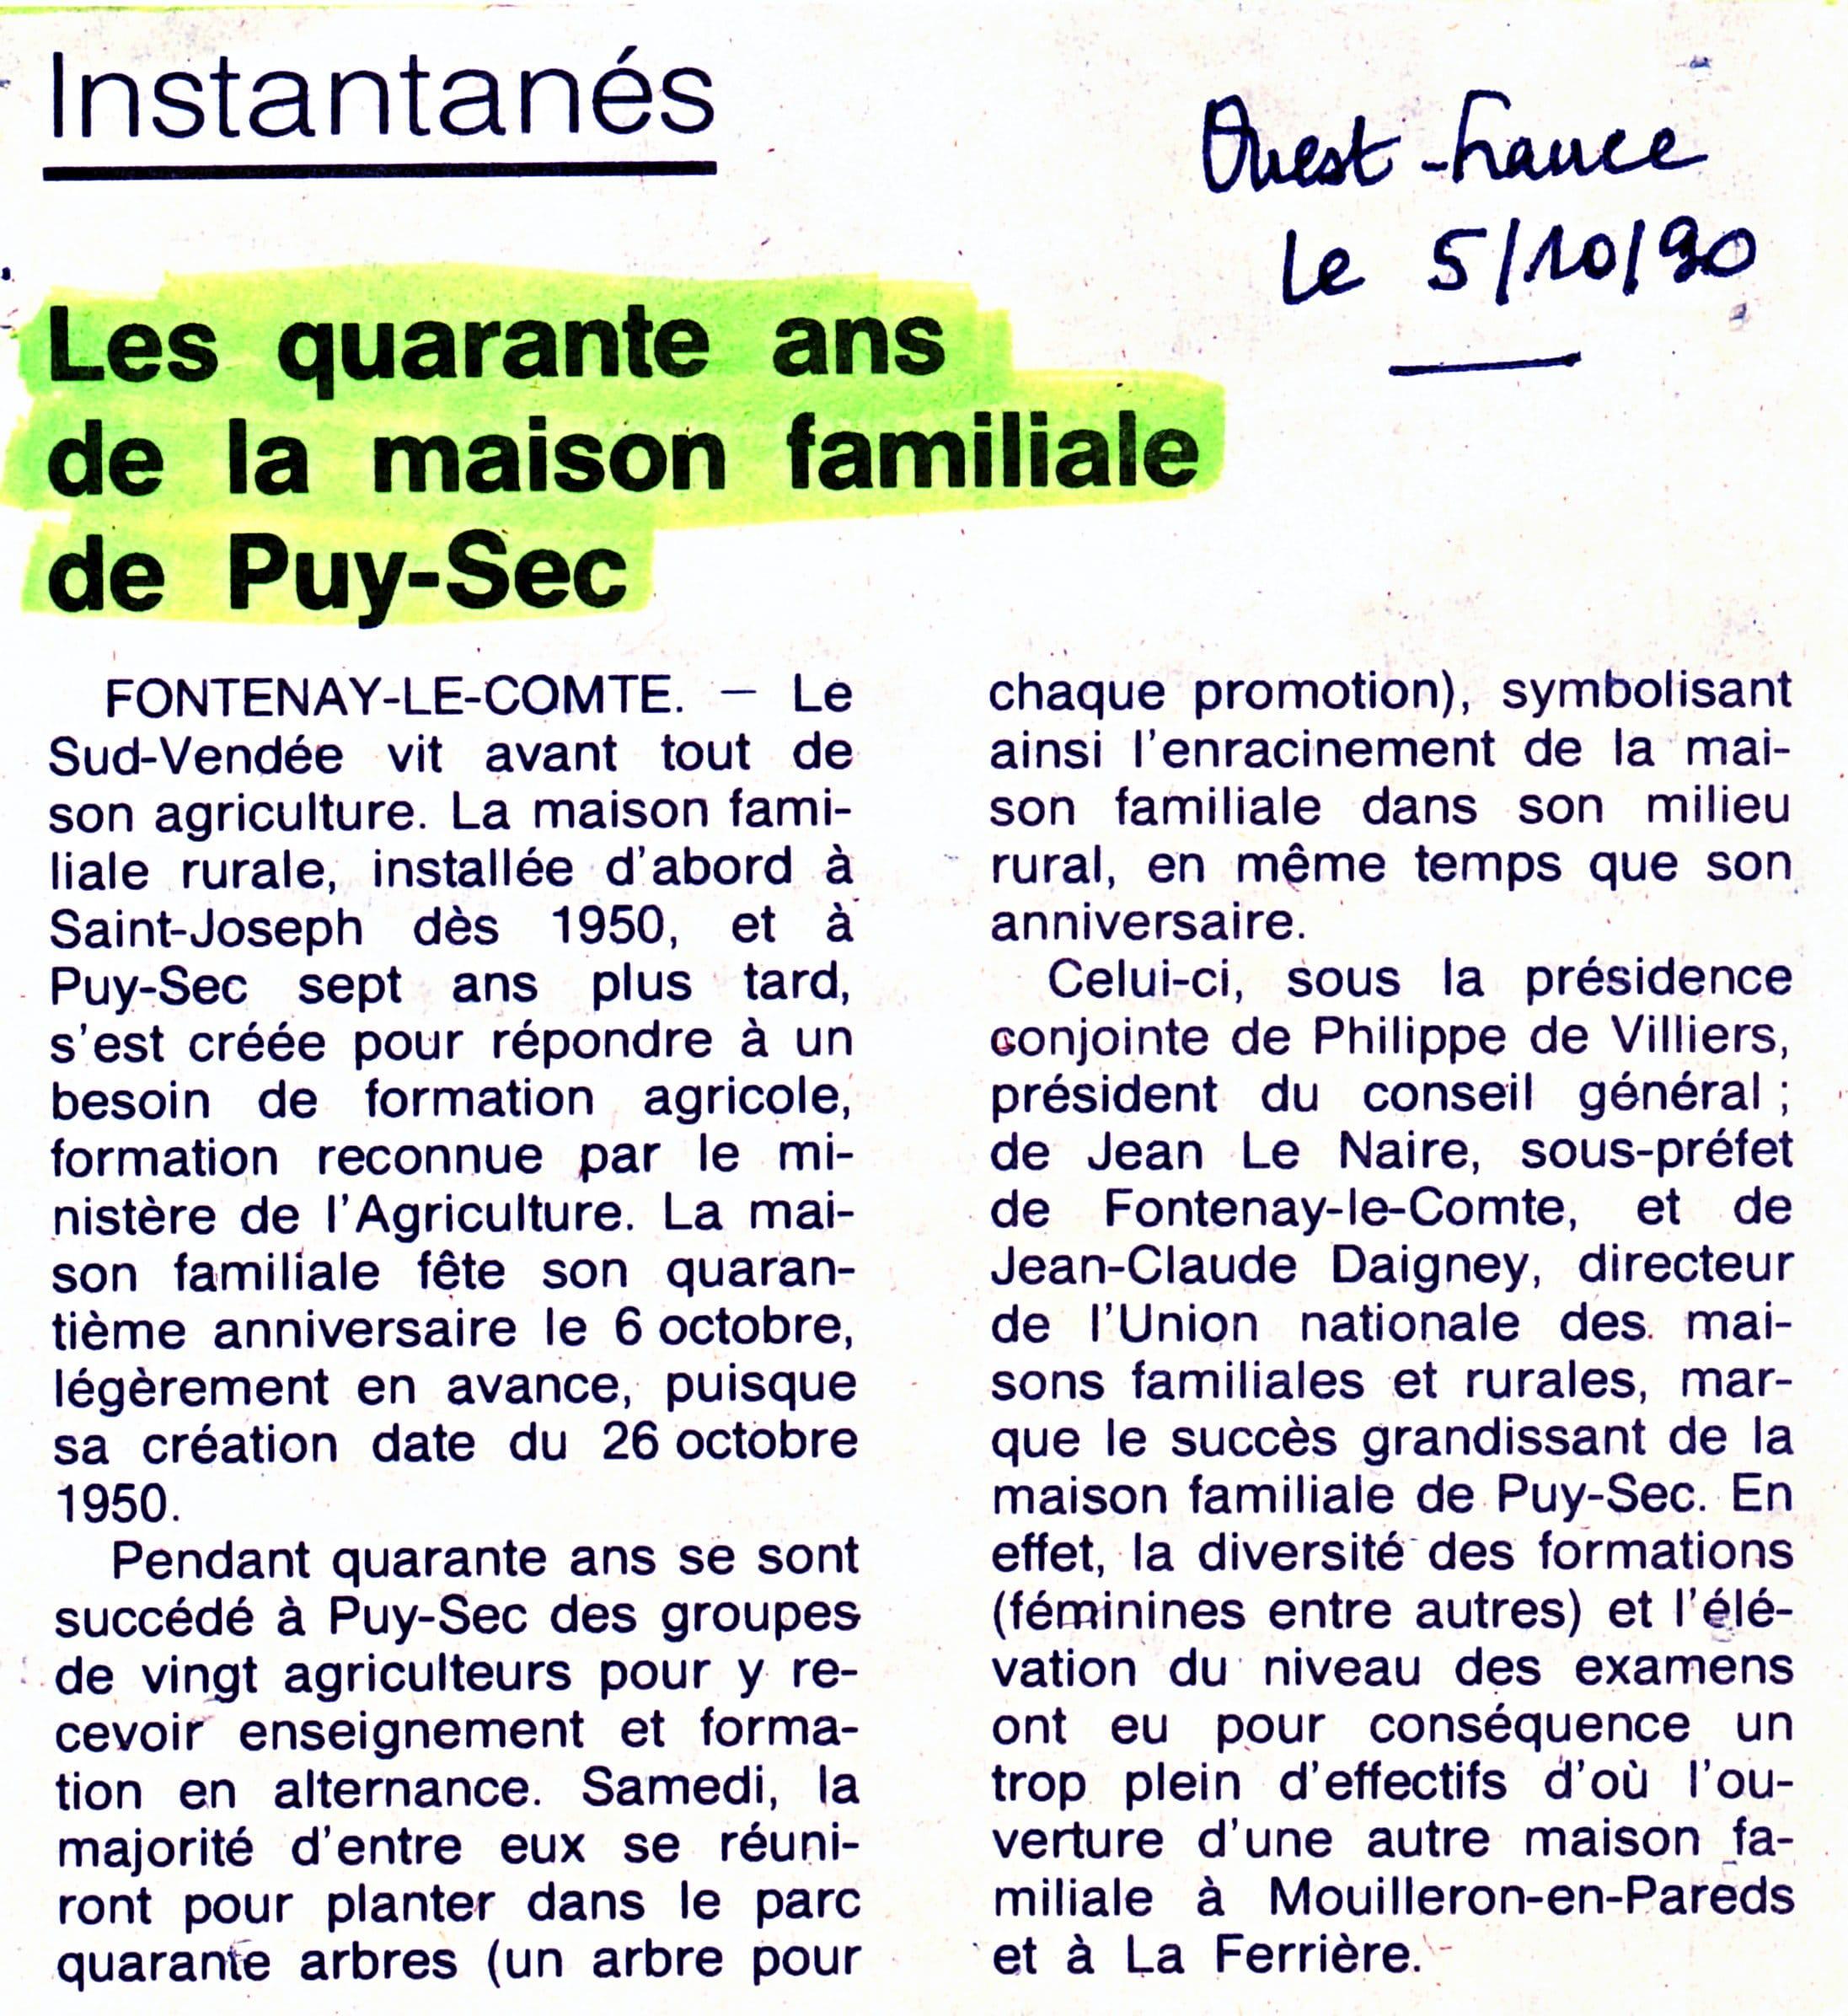 Archives anciens élèves mfr puy-sec 1990 Article 1